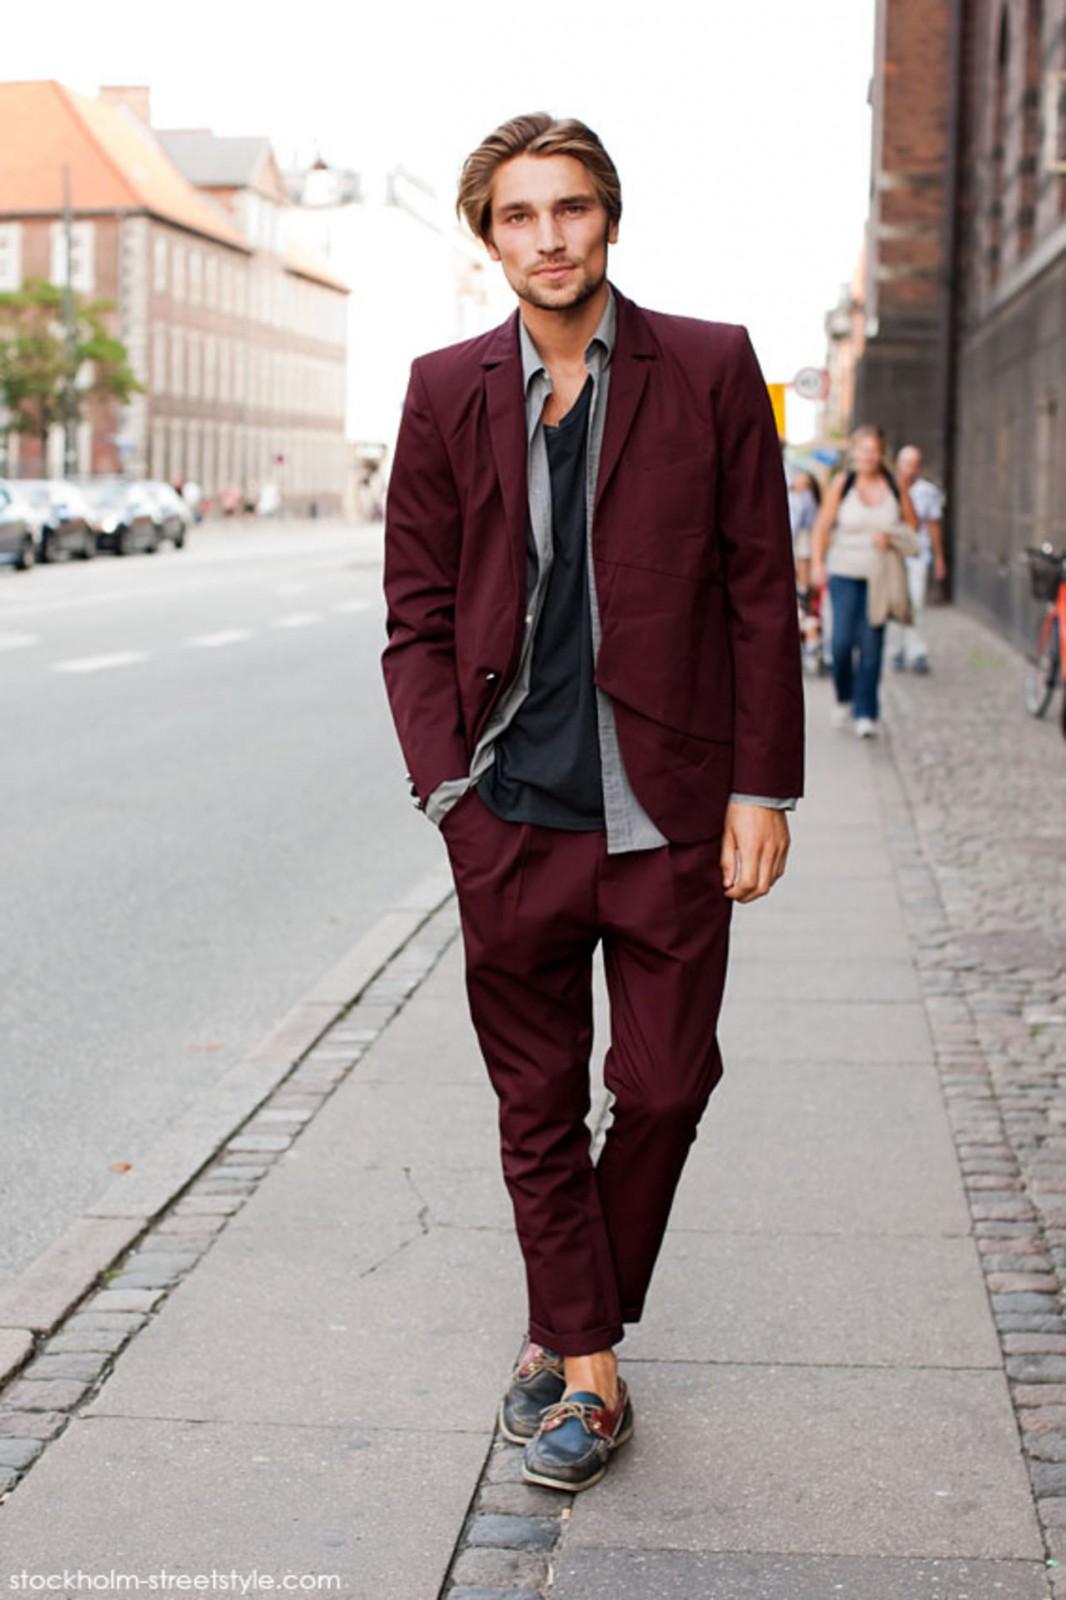 styling-tips-men